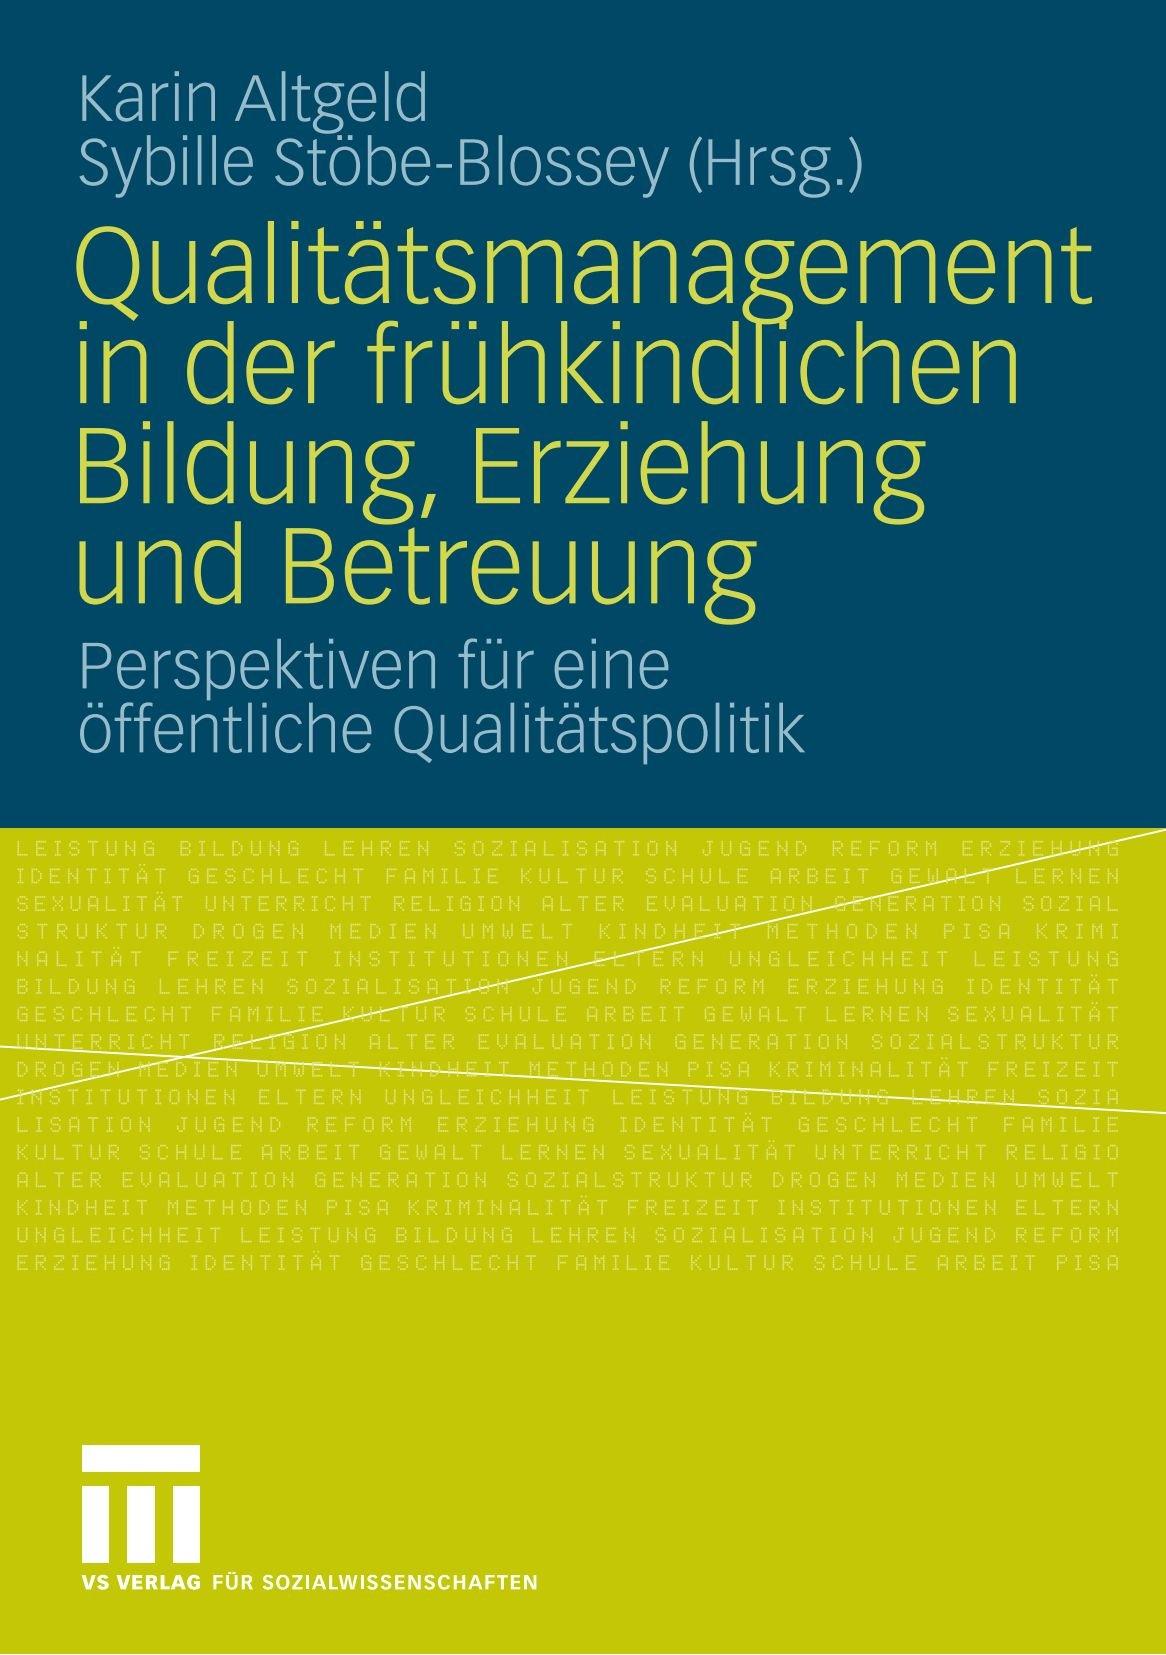 Qualitätsmanagement In Der Frühkindlichen Bildung, Erziehung Und Betreuung: Perspektiven für eine öffentliche Qualitätspolitik (German Edition) Taschenbuch – 16. April 2009 Karin Altgeld Tim Krxfcger Andrxe9 Menke 3531160087